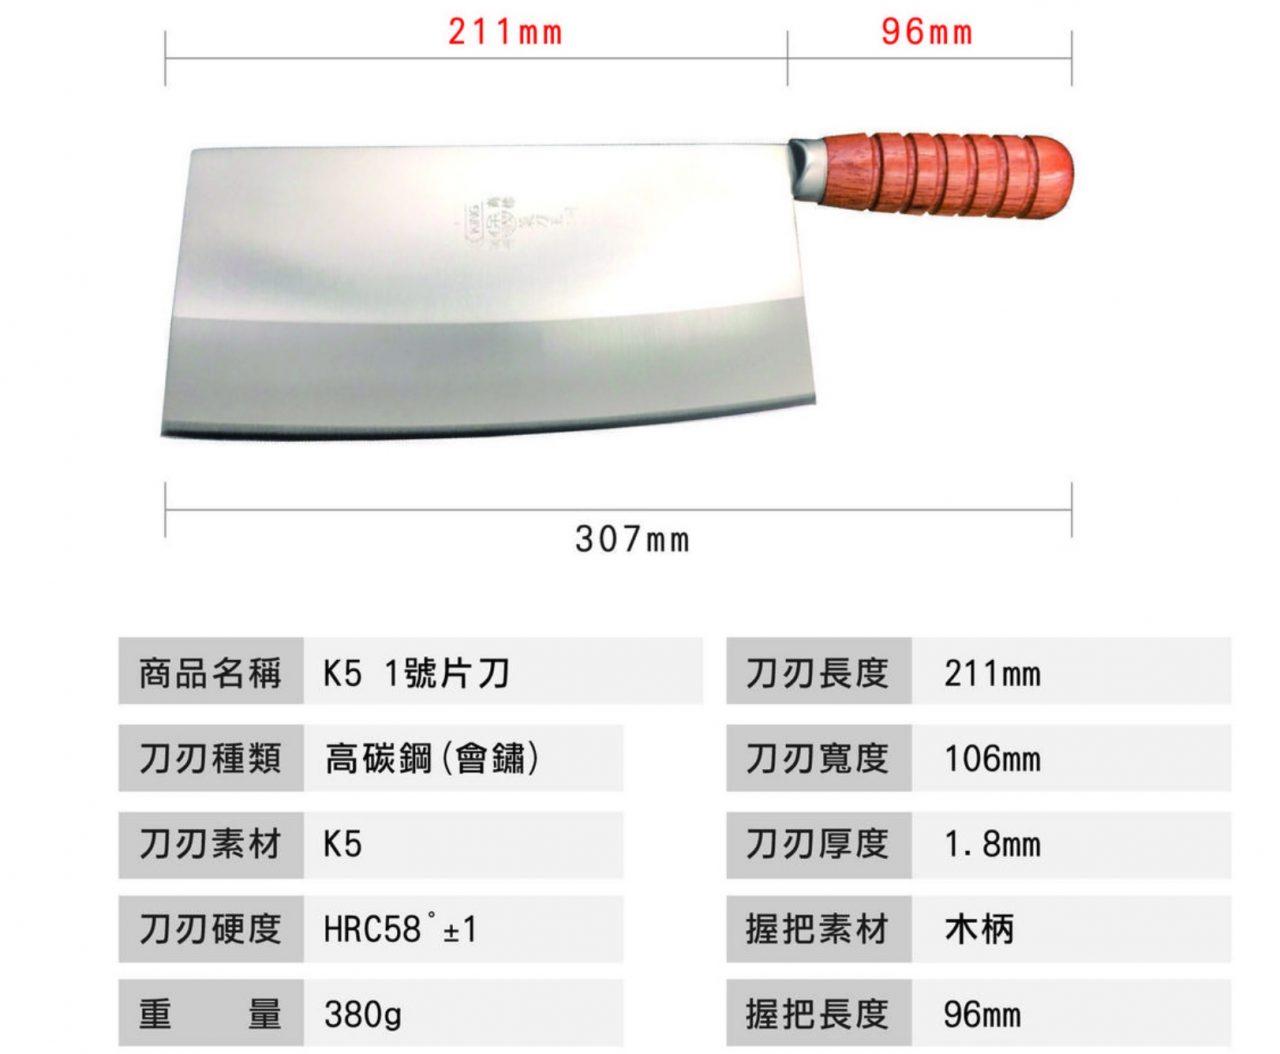 【菜刀推薦指南】新手刀具種類與材質介紹